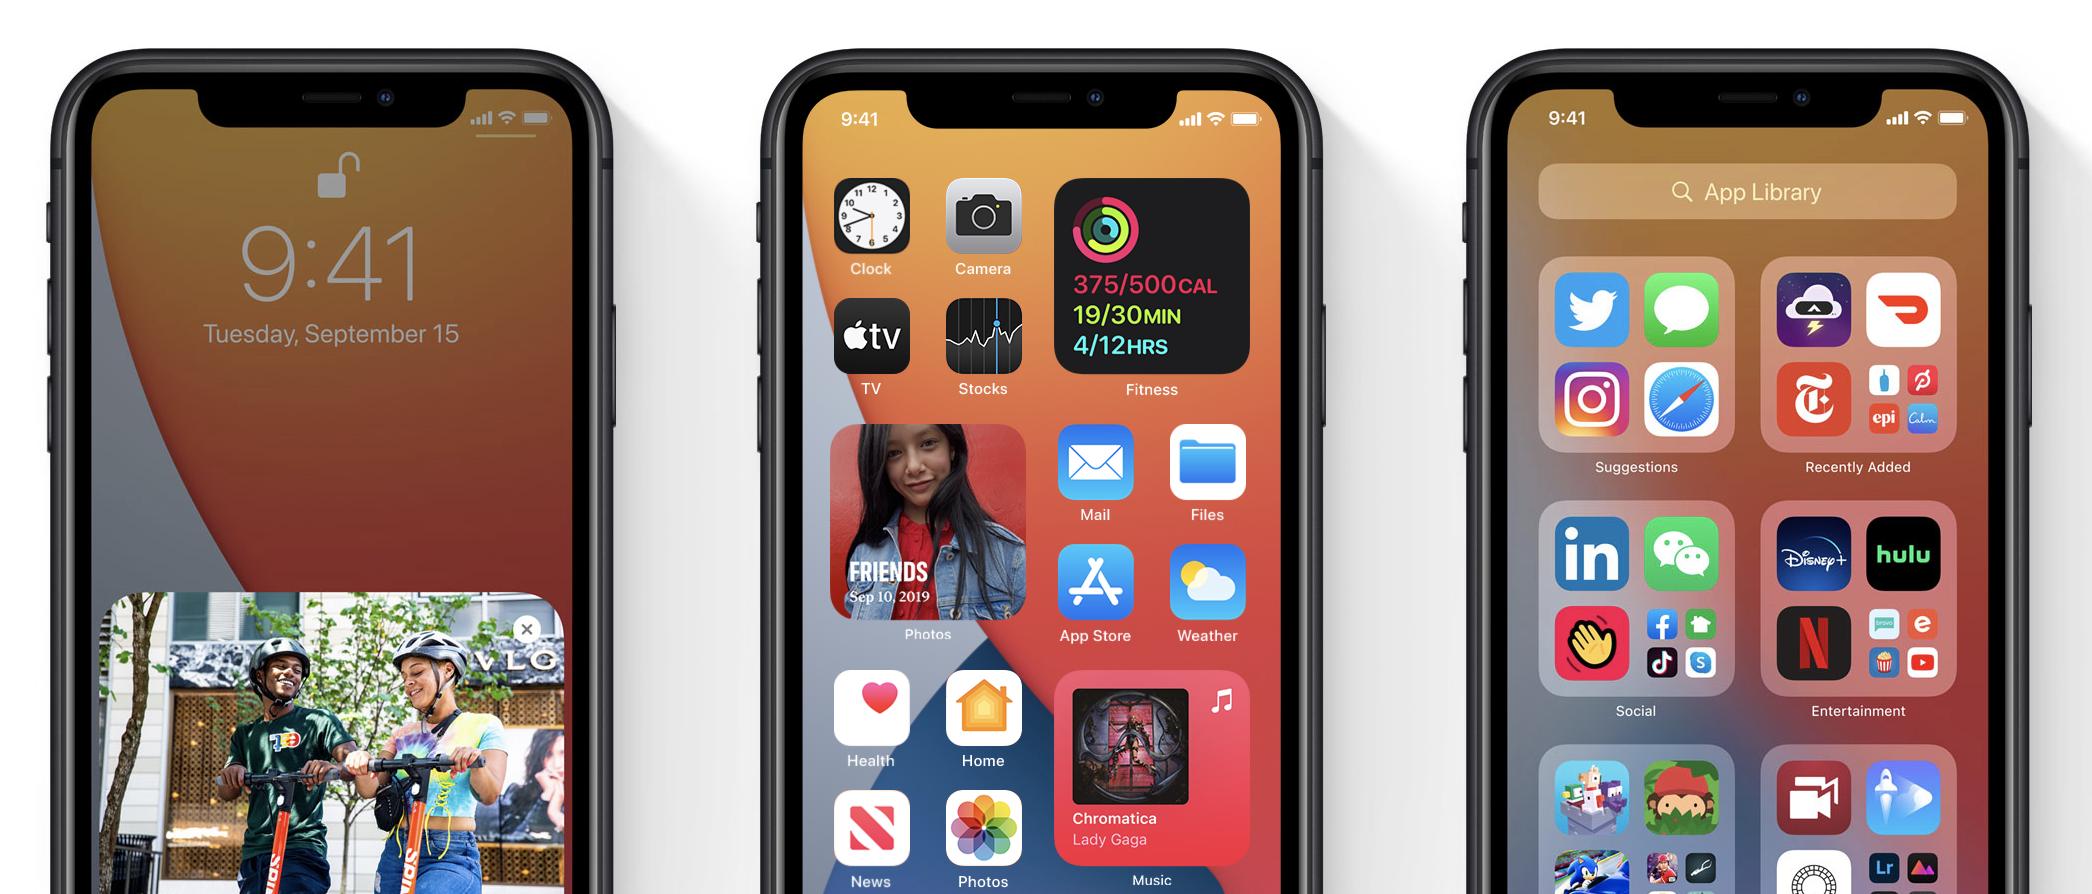 Kommer din iPhone til å få iOS 14 oppdateringen? | TechRadar